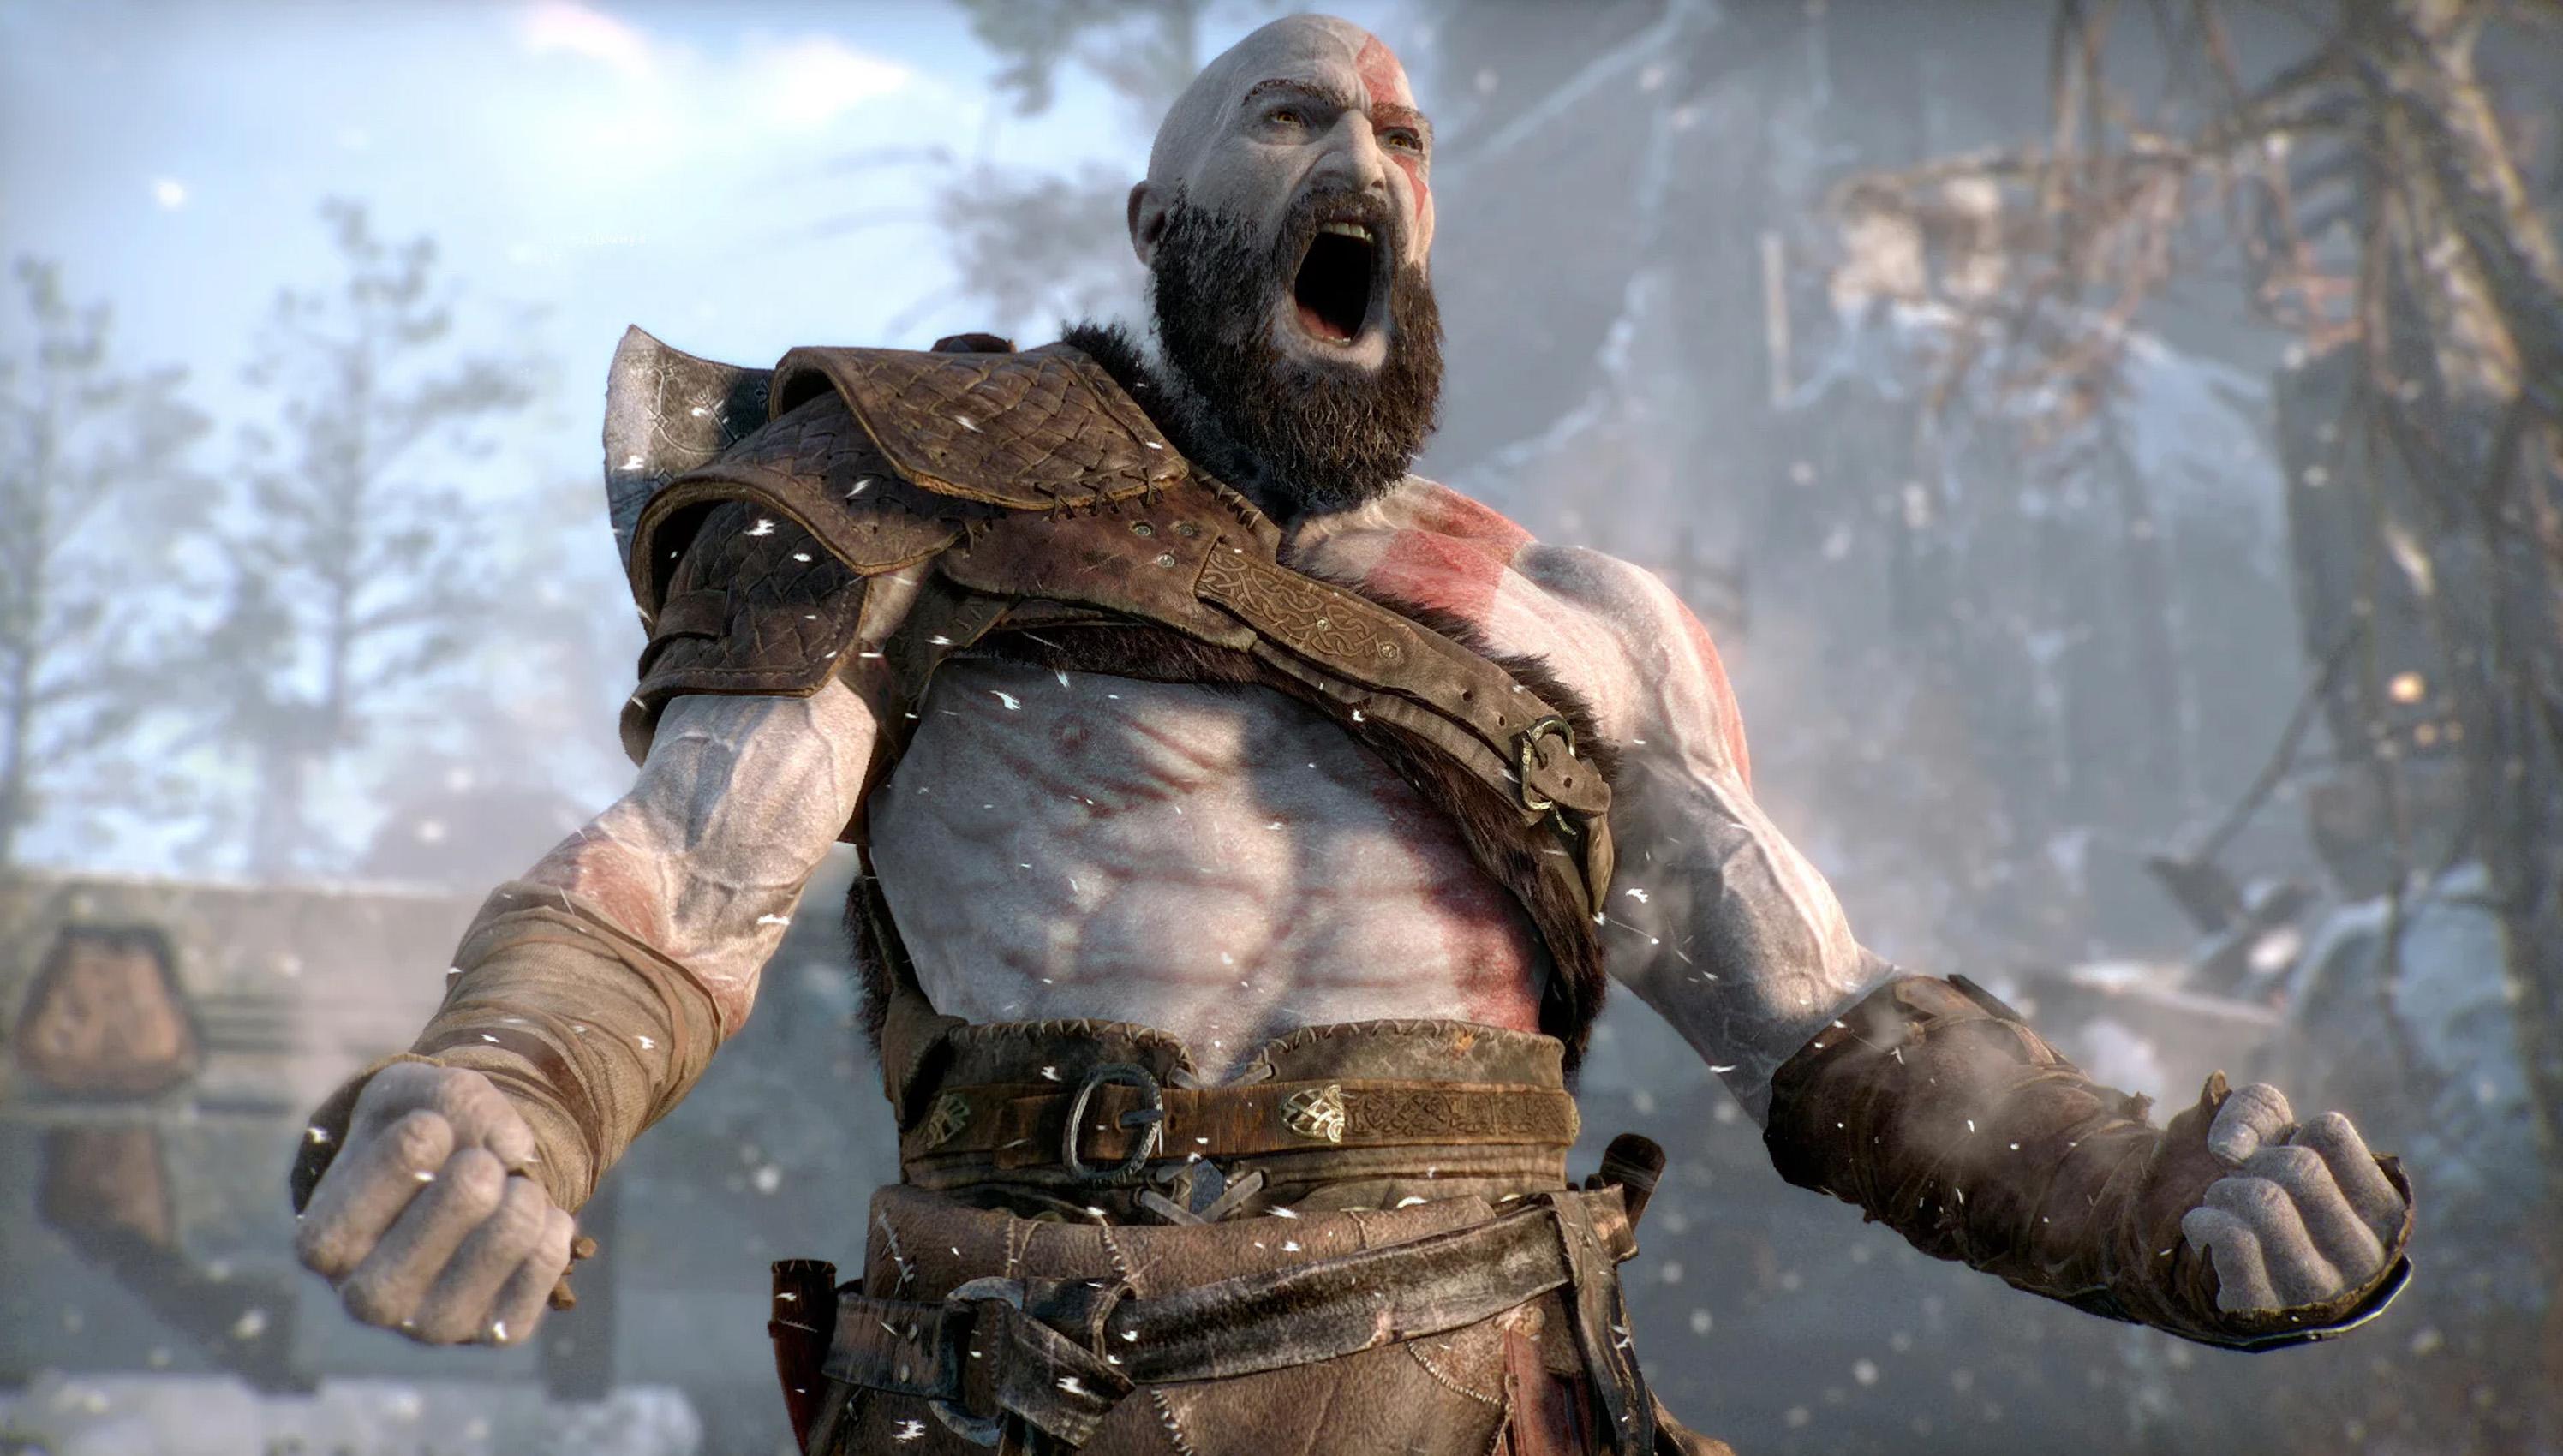 想在 PC 玩到戰神,就要看索尼的意願了。(圖源:God of War)